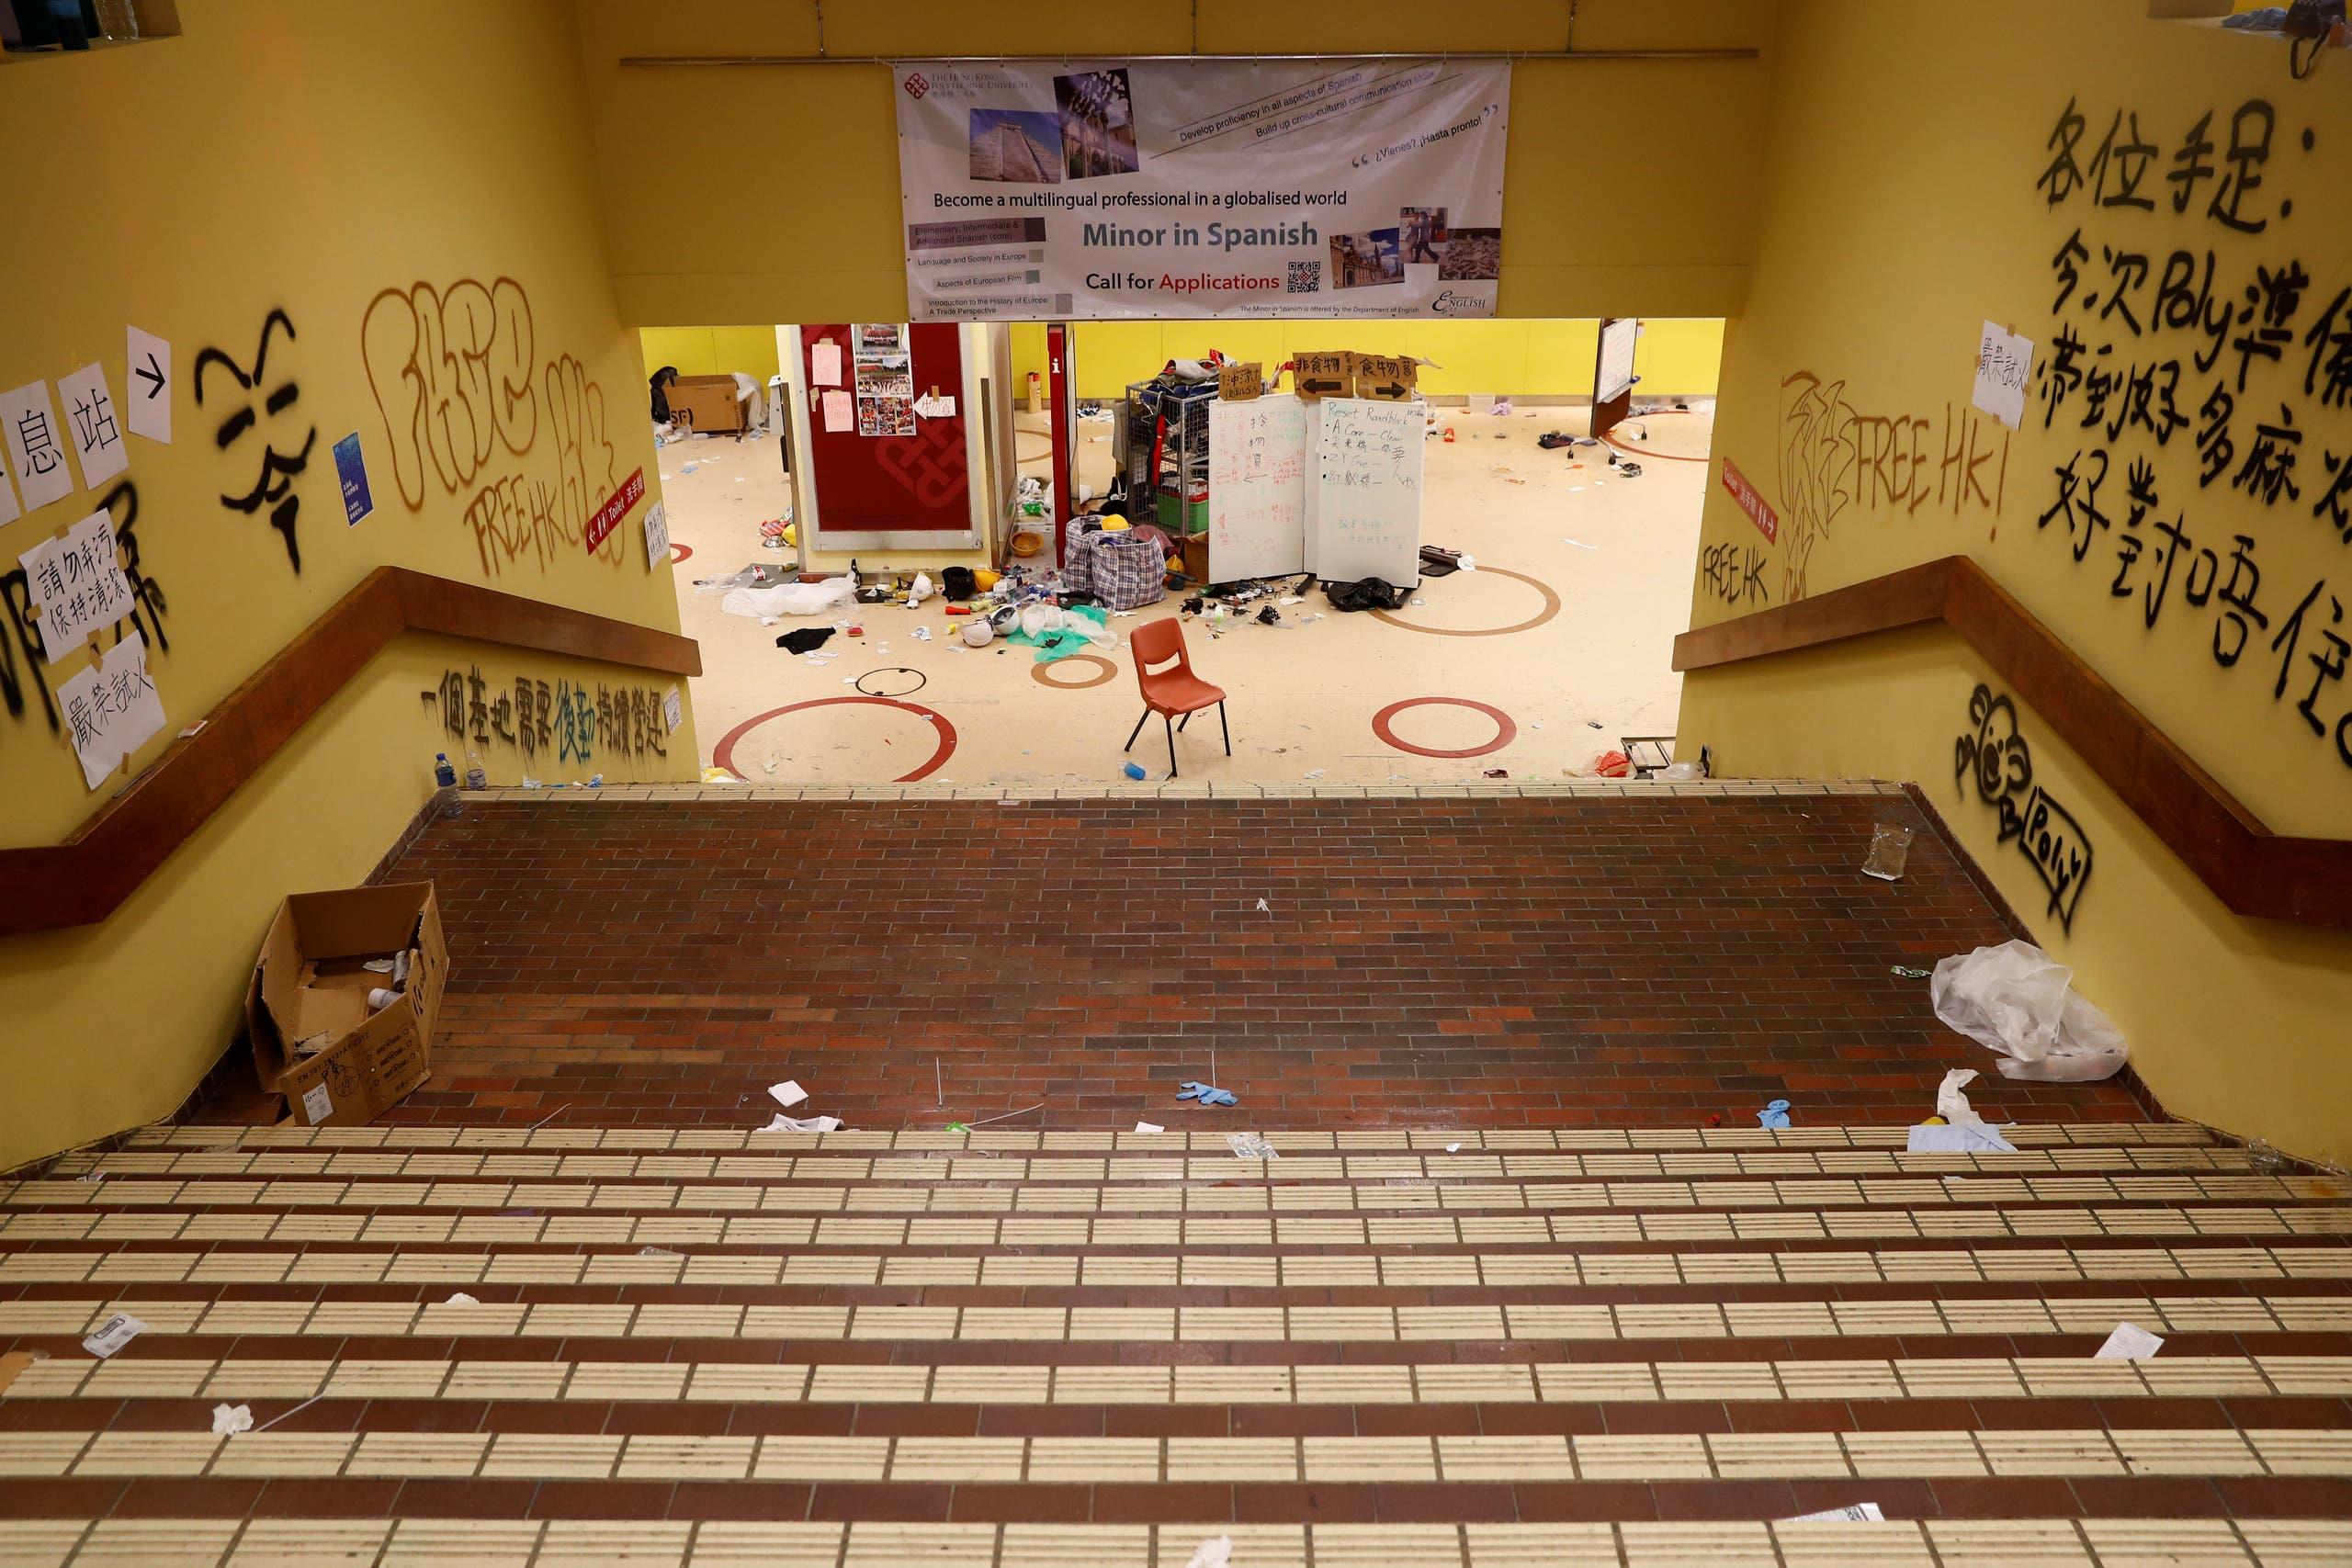 Graffiti and debris are seen in Hong Kong Polytechnic University (PolyU) in Hong Kong, China November 20, 2019. (Reuters)